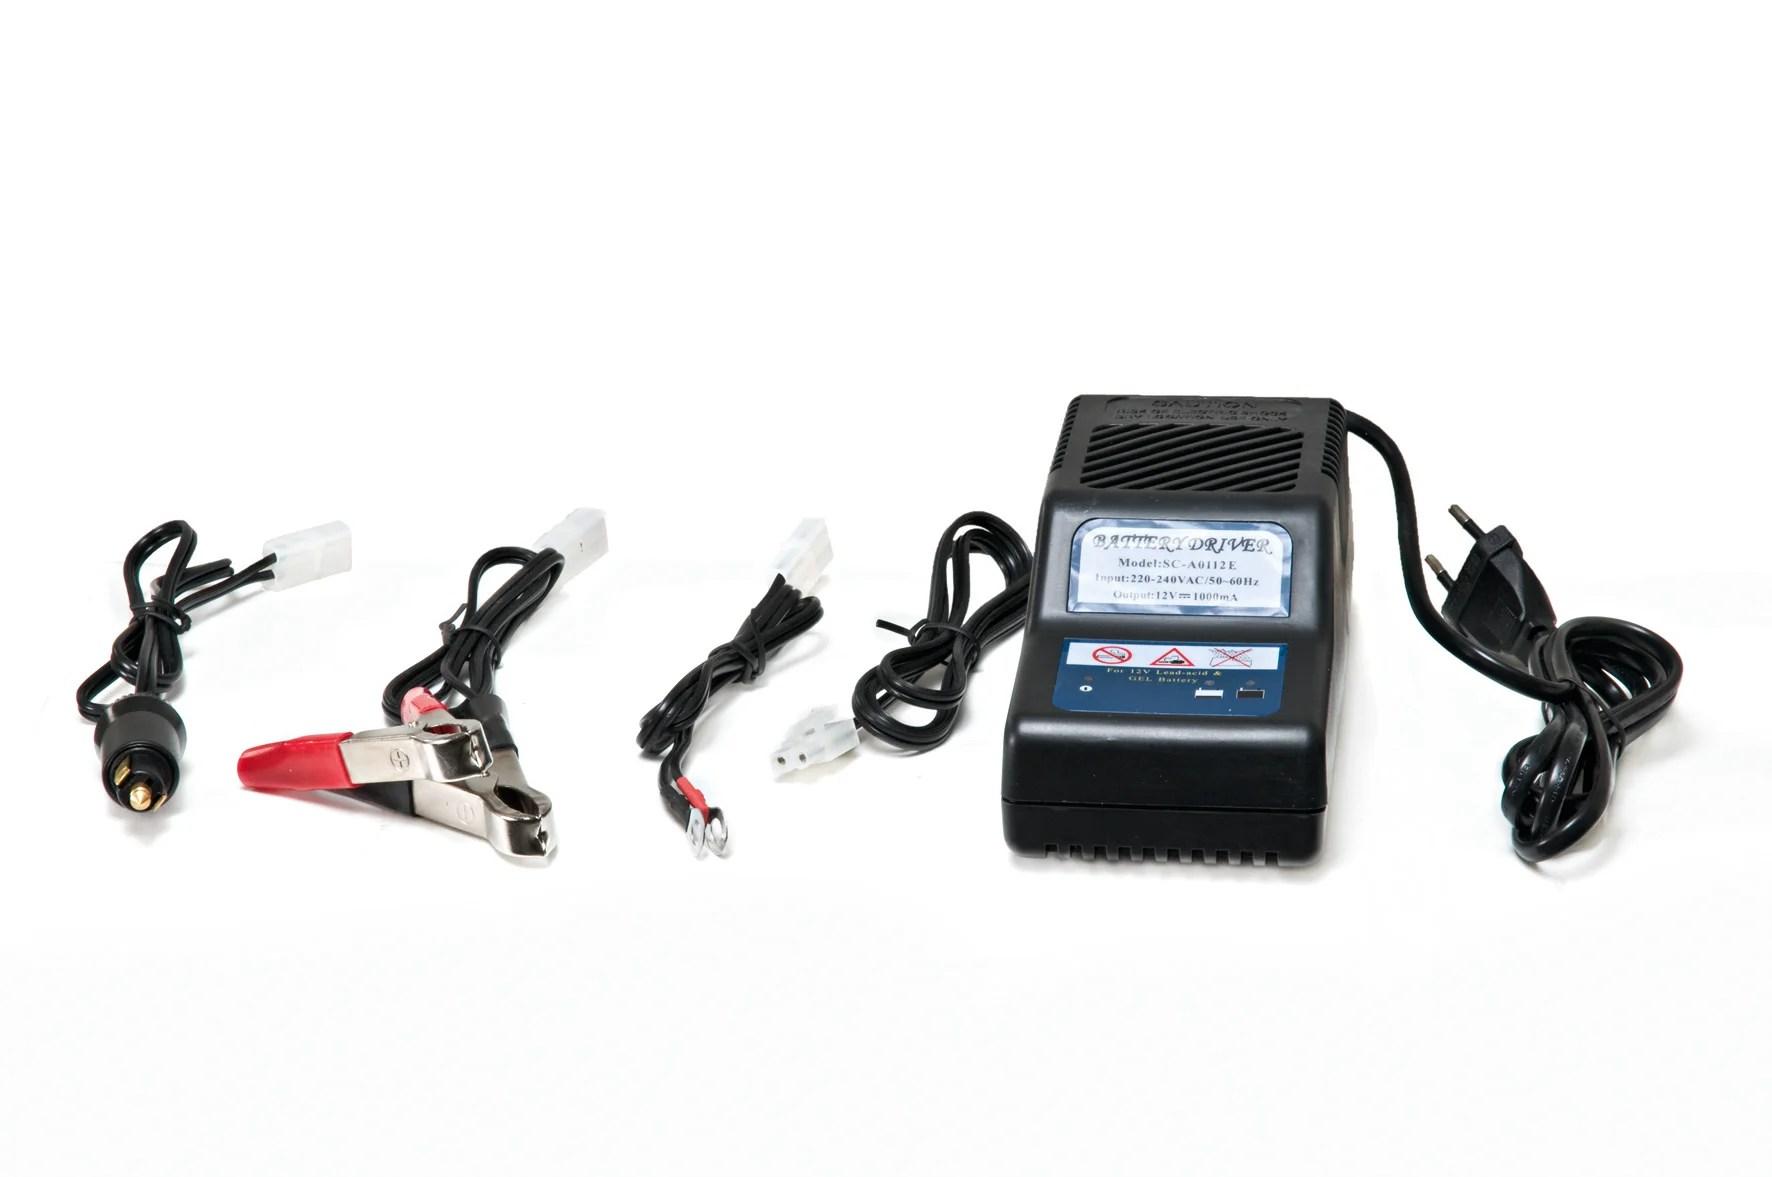 Chargeur De Batterie 12v Pour Autoportees Et Miniriders 8 W Leroy Merlin